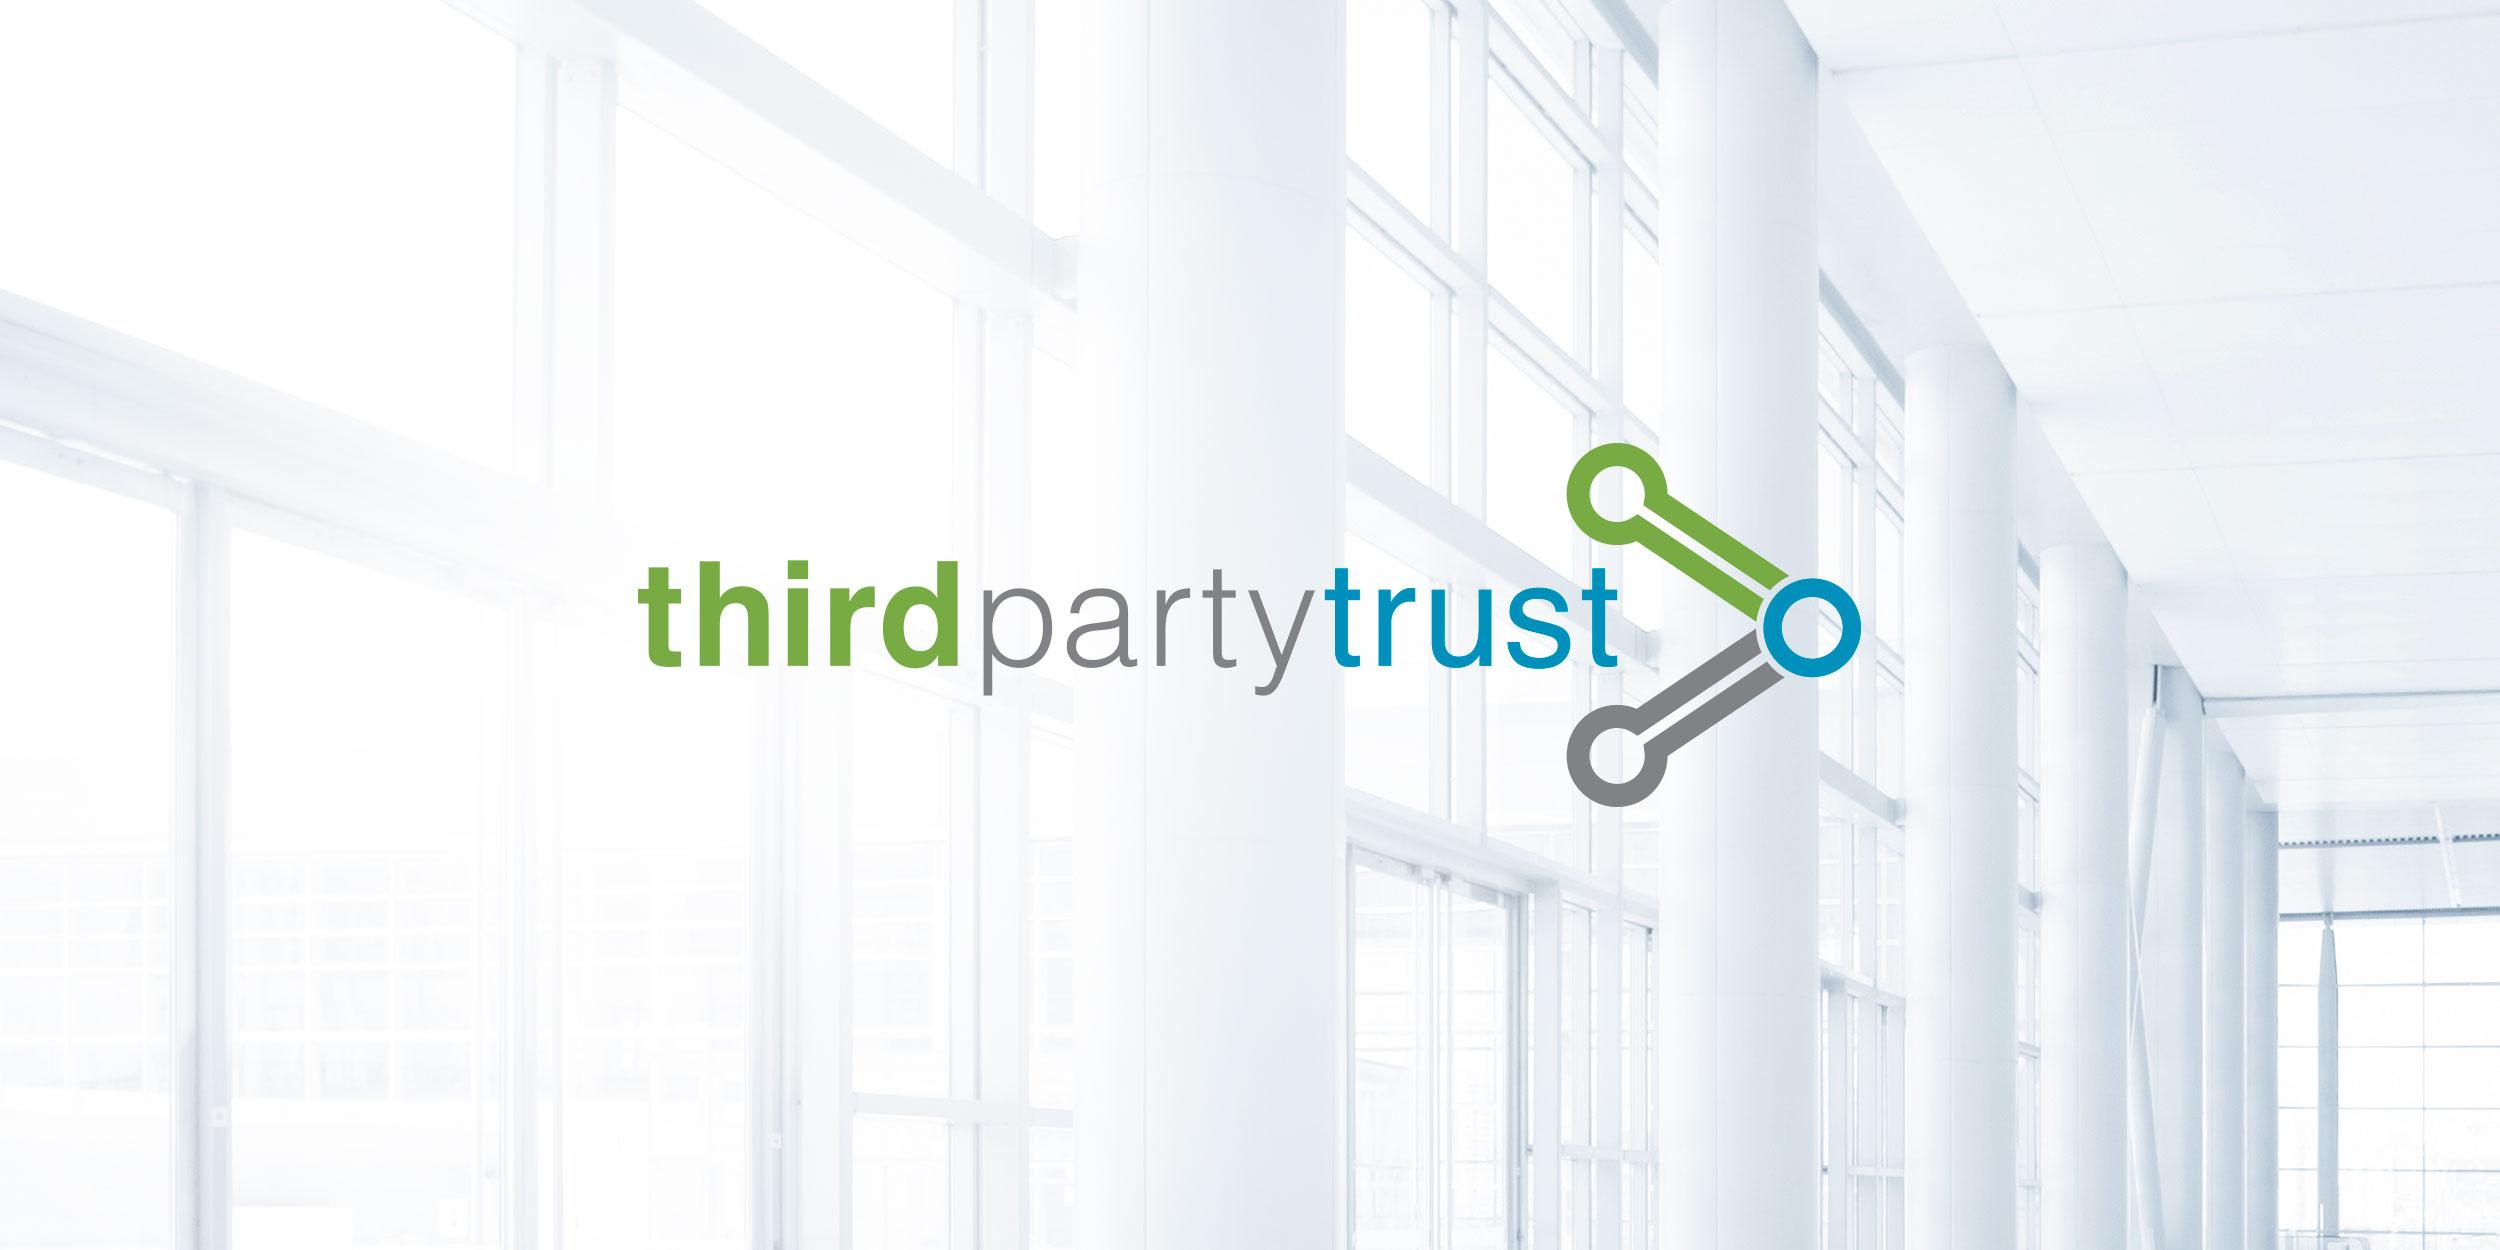 thirdpartytrust_logo.jpg